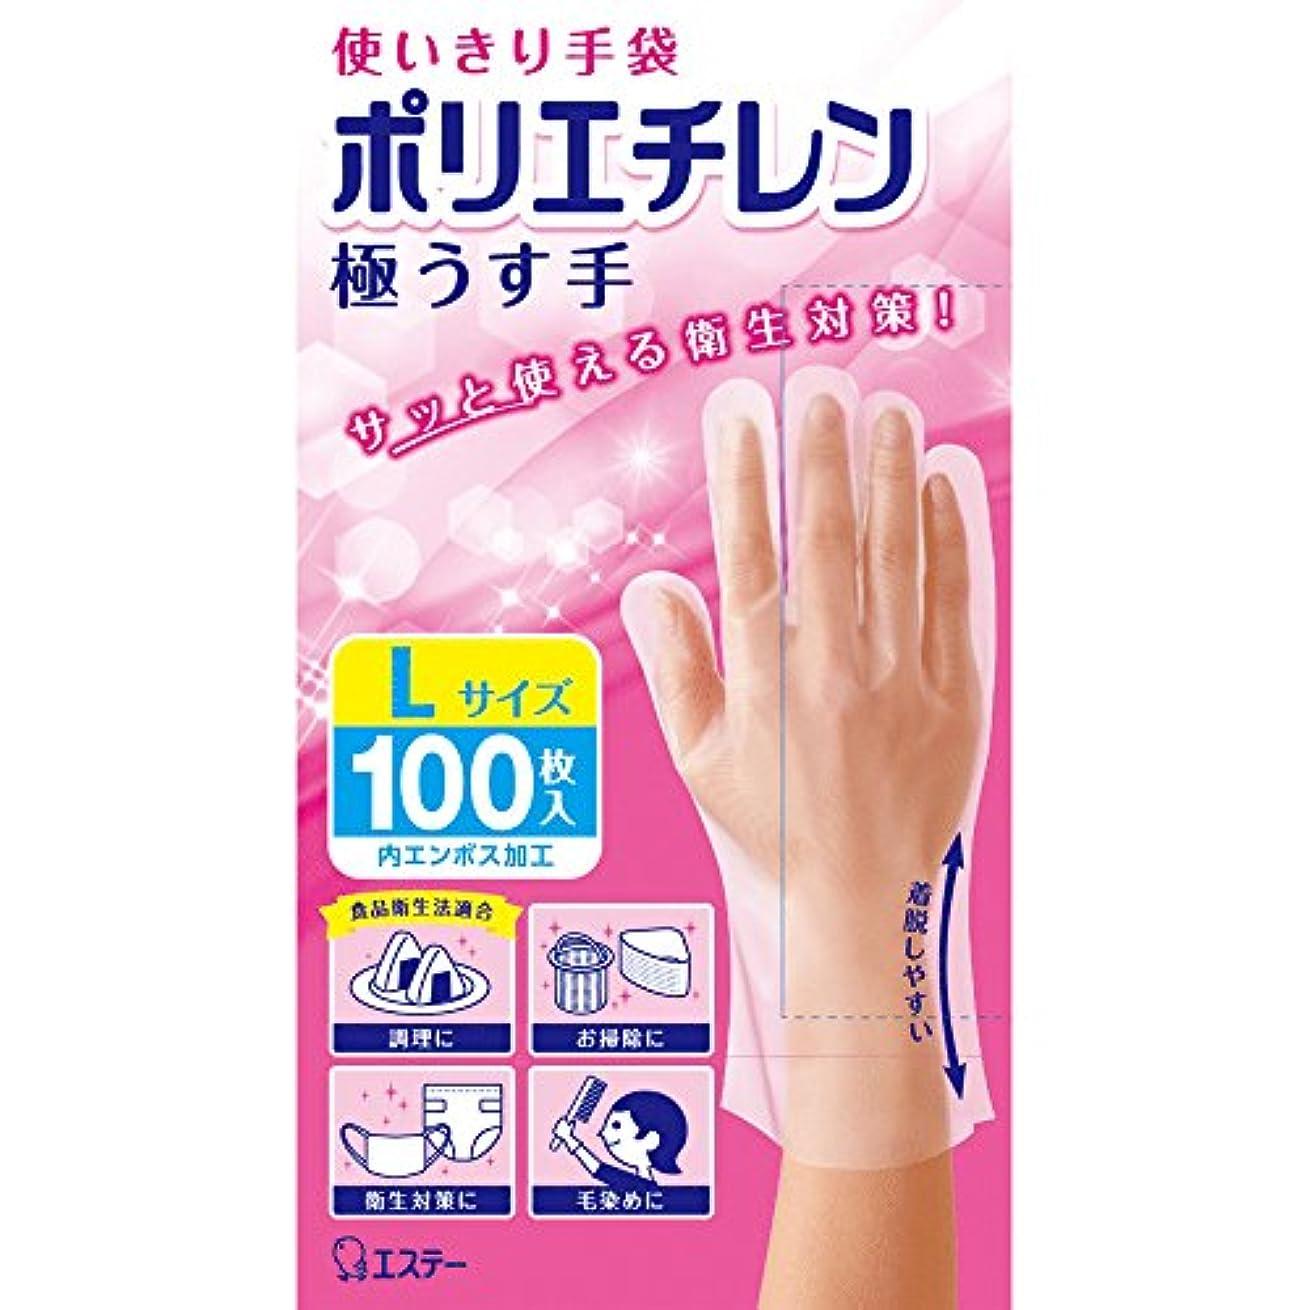 エスカレート不健康逆に使いきり手袋 ポリエチレン 極うす手 Lサイズ 半透明 100枚